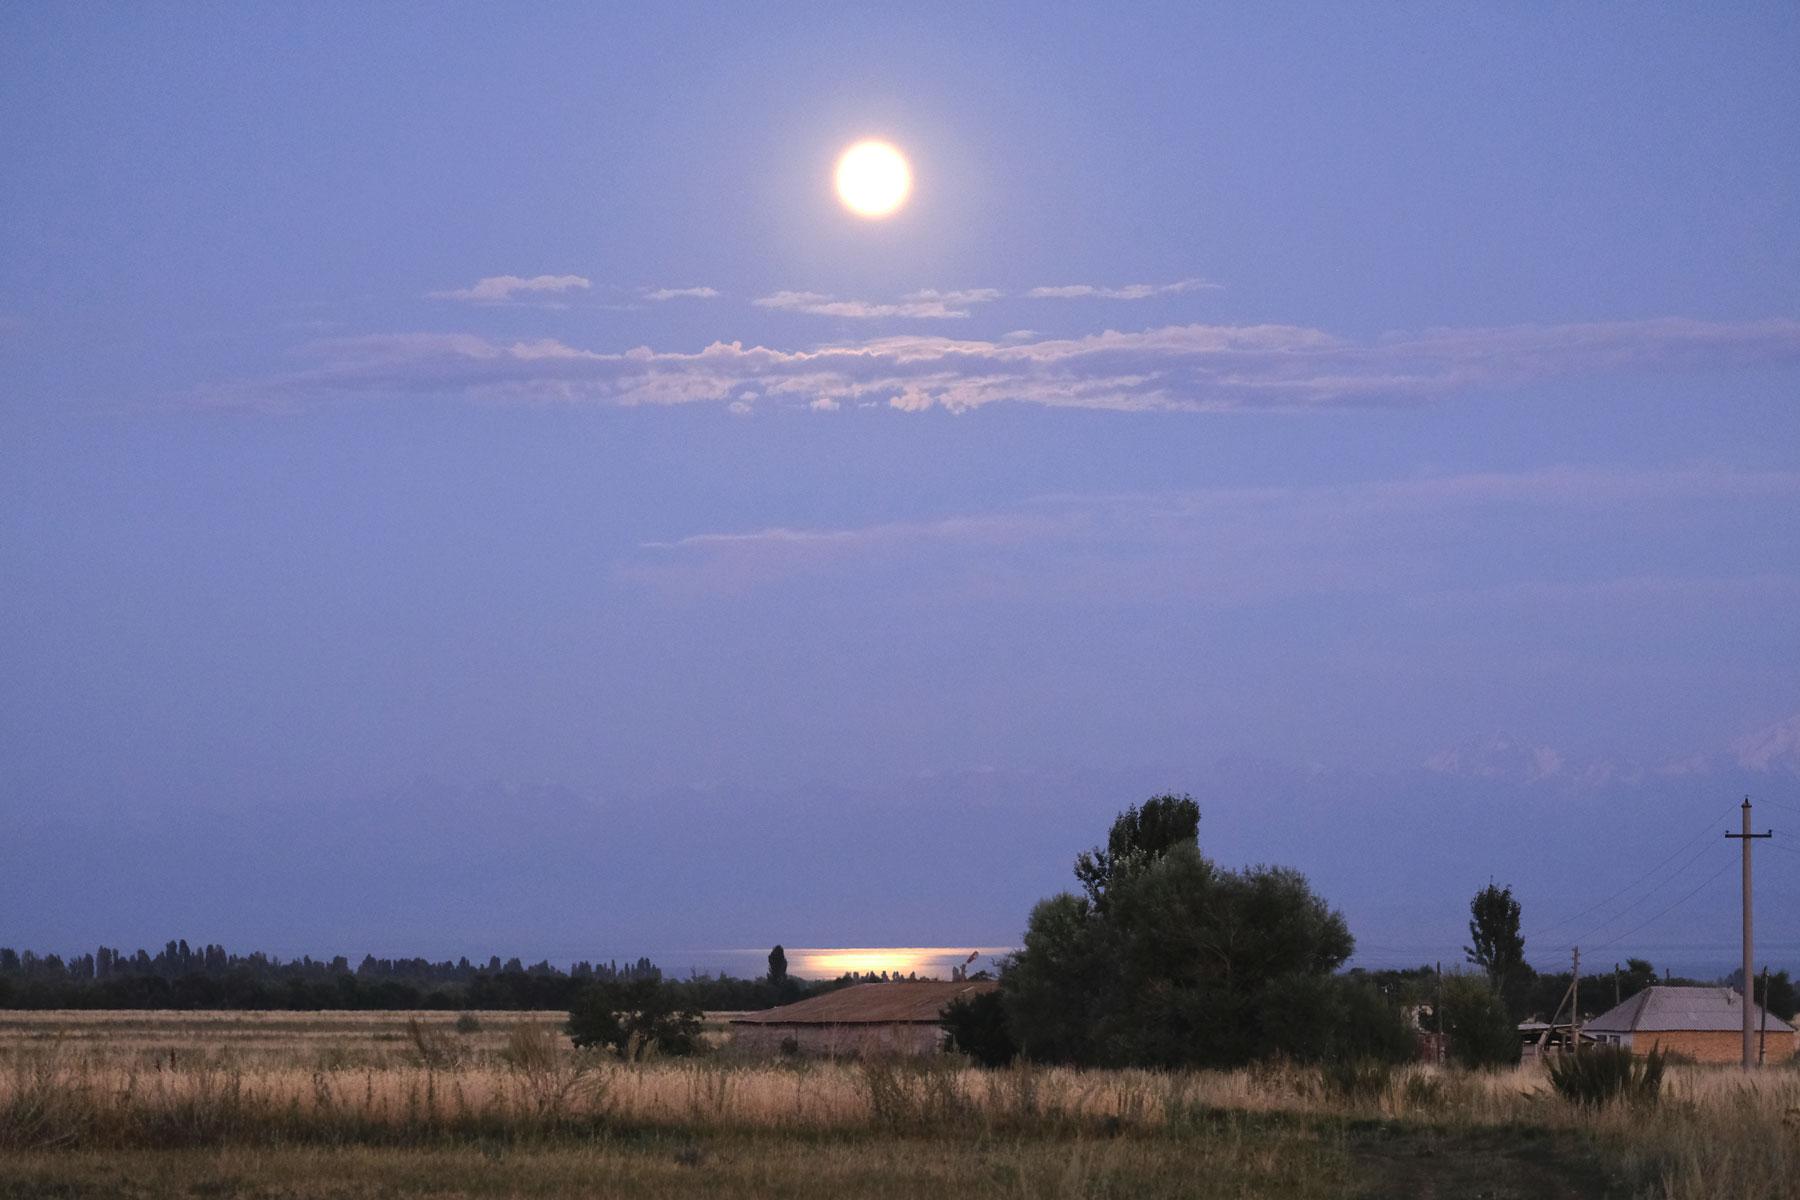 Der Mond bringt dem See zum glänzen